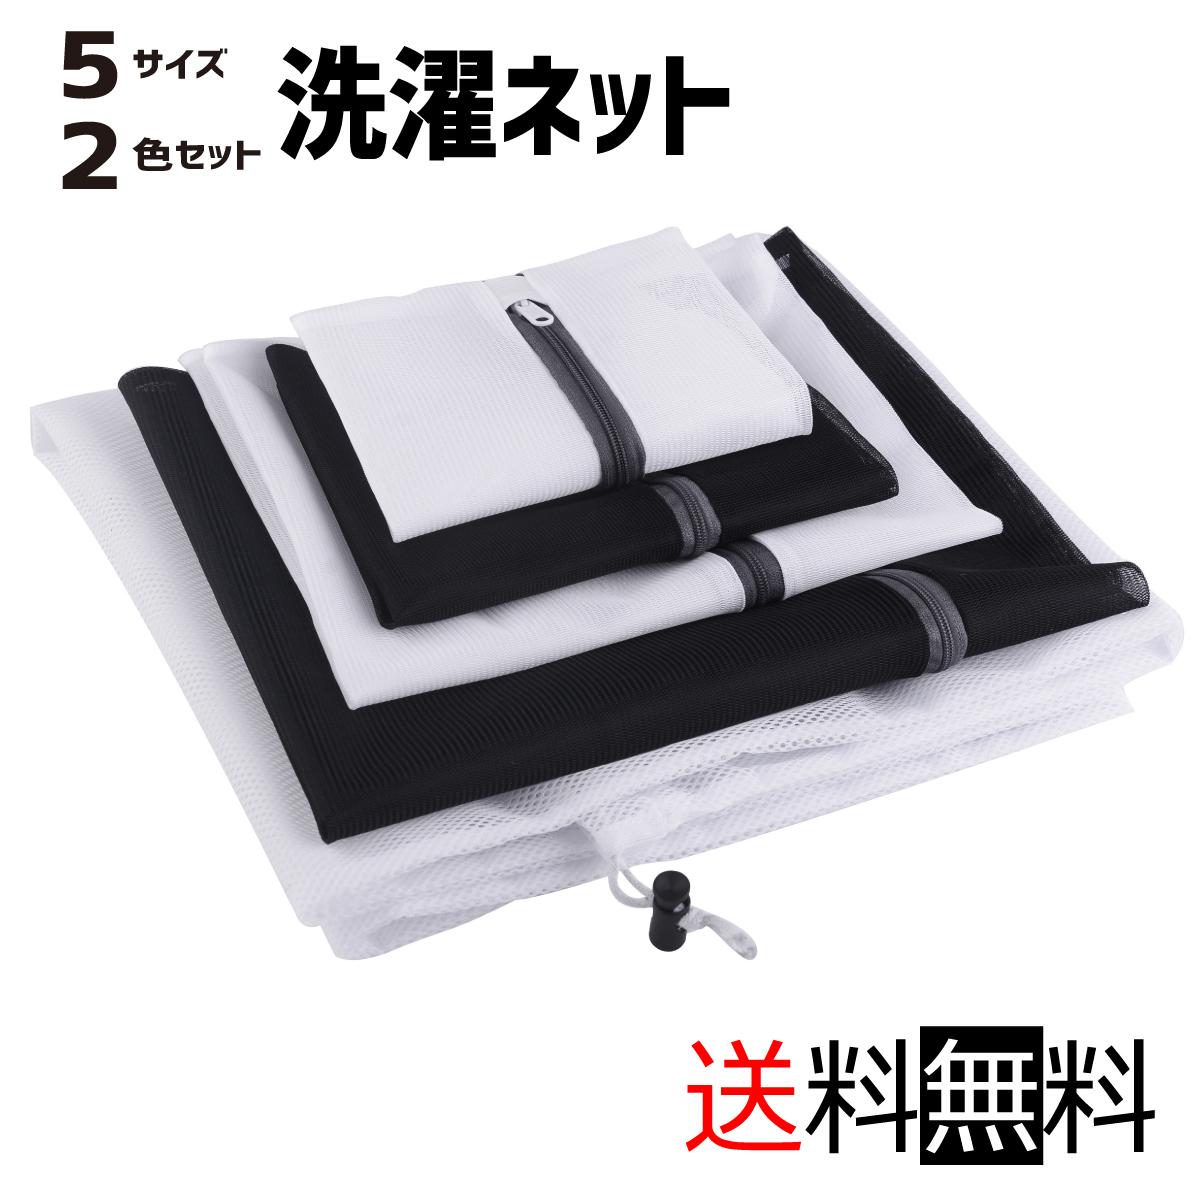 洗濯ネット 角型 サイズ異なる5枚セット 2色